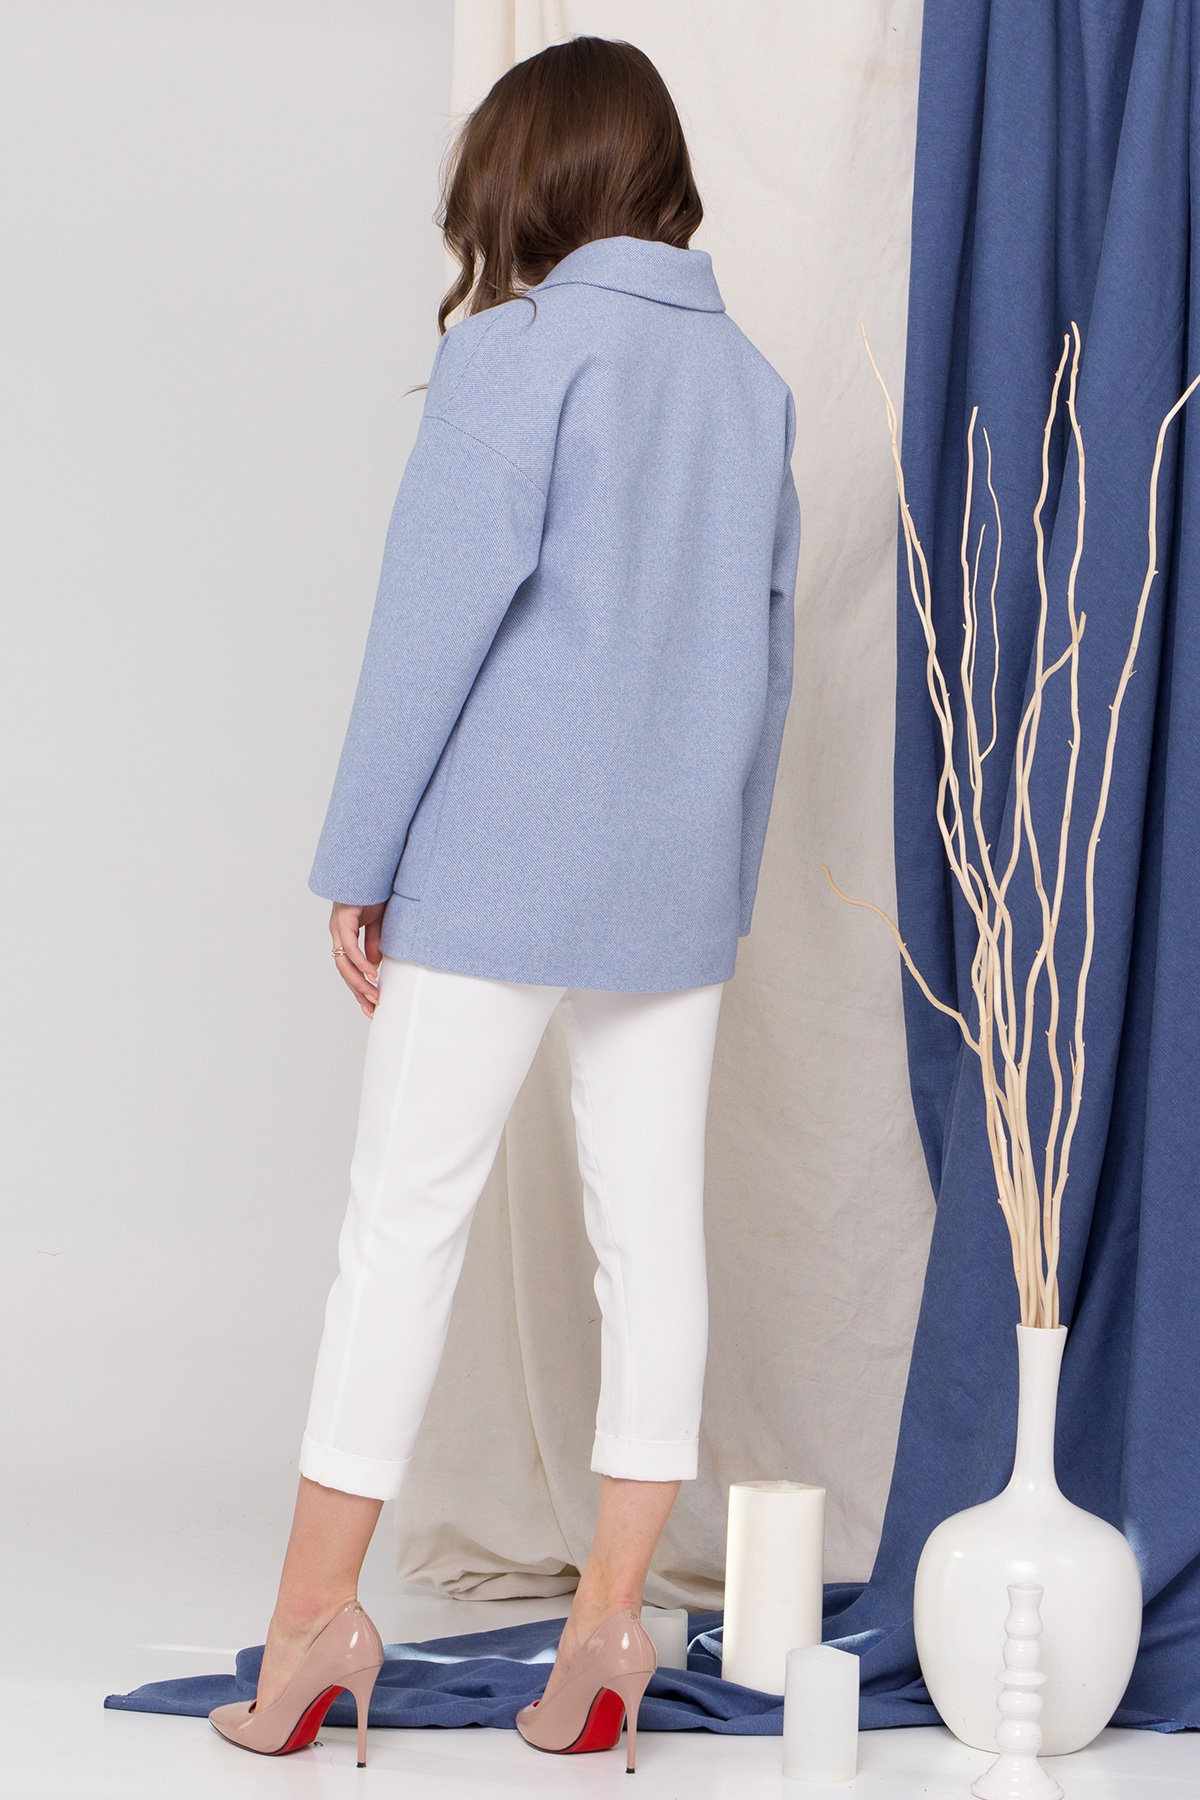 Пальто Мансера 8987 АРТ. 45304 Цвет: Голубой - фото 4, интернет магазин tm-modus.ru